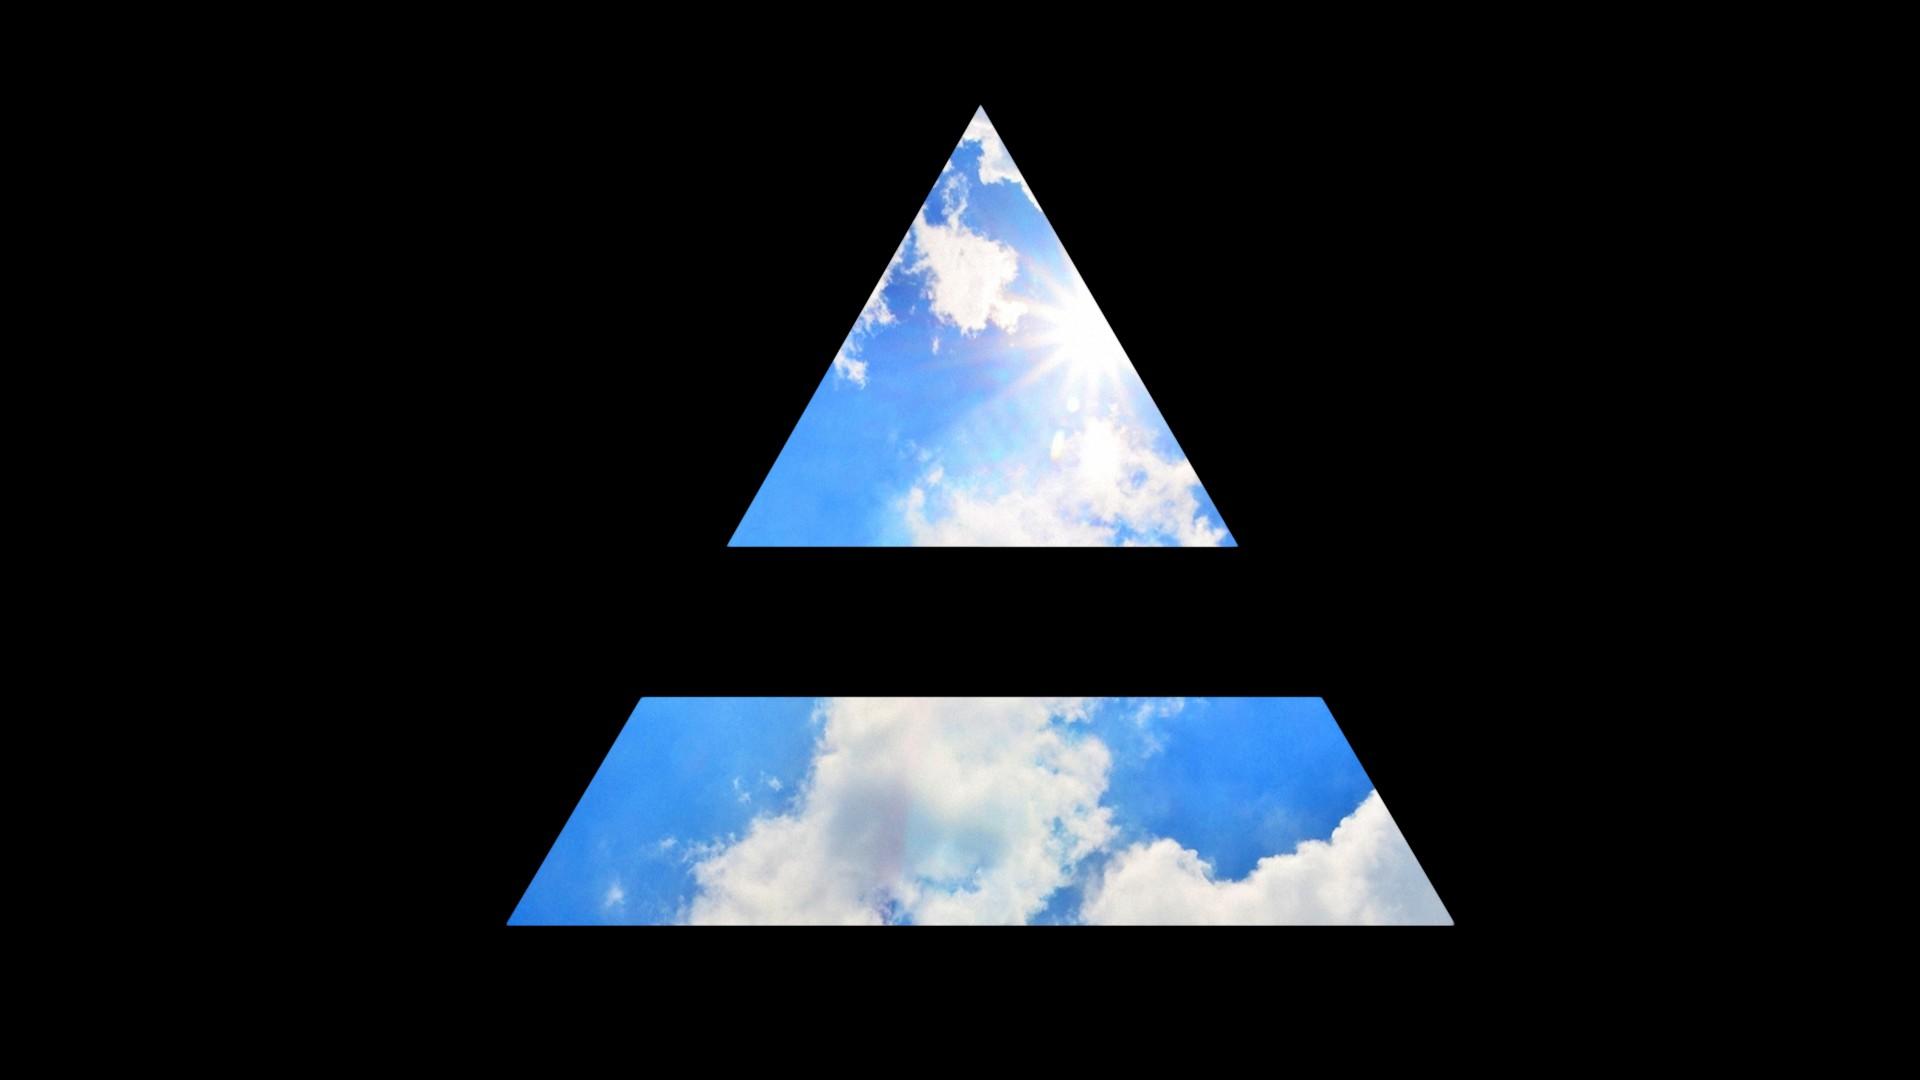 Картинка треугольник в небе